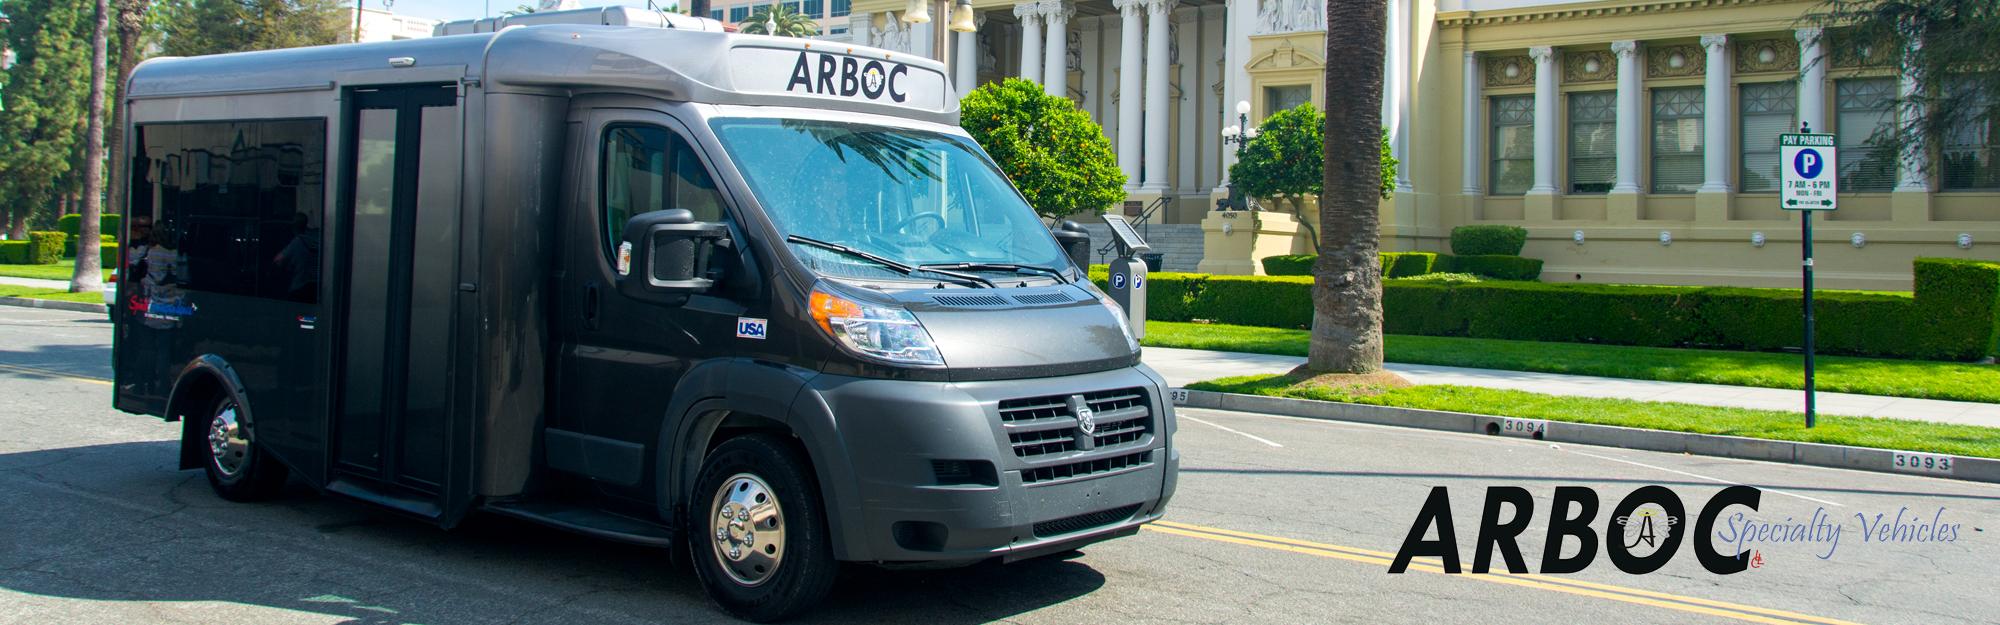 arboc-spirit-of-independence-header